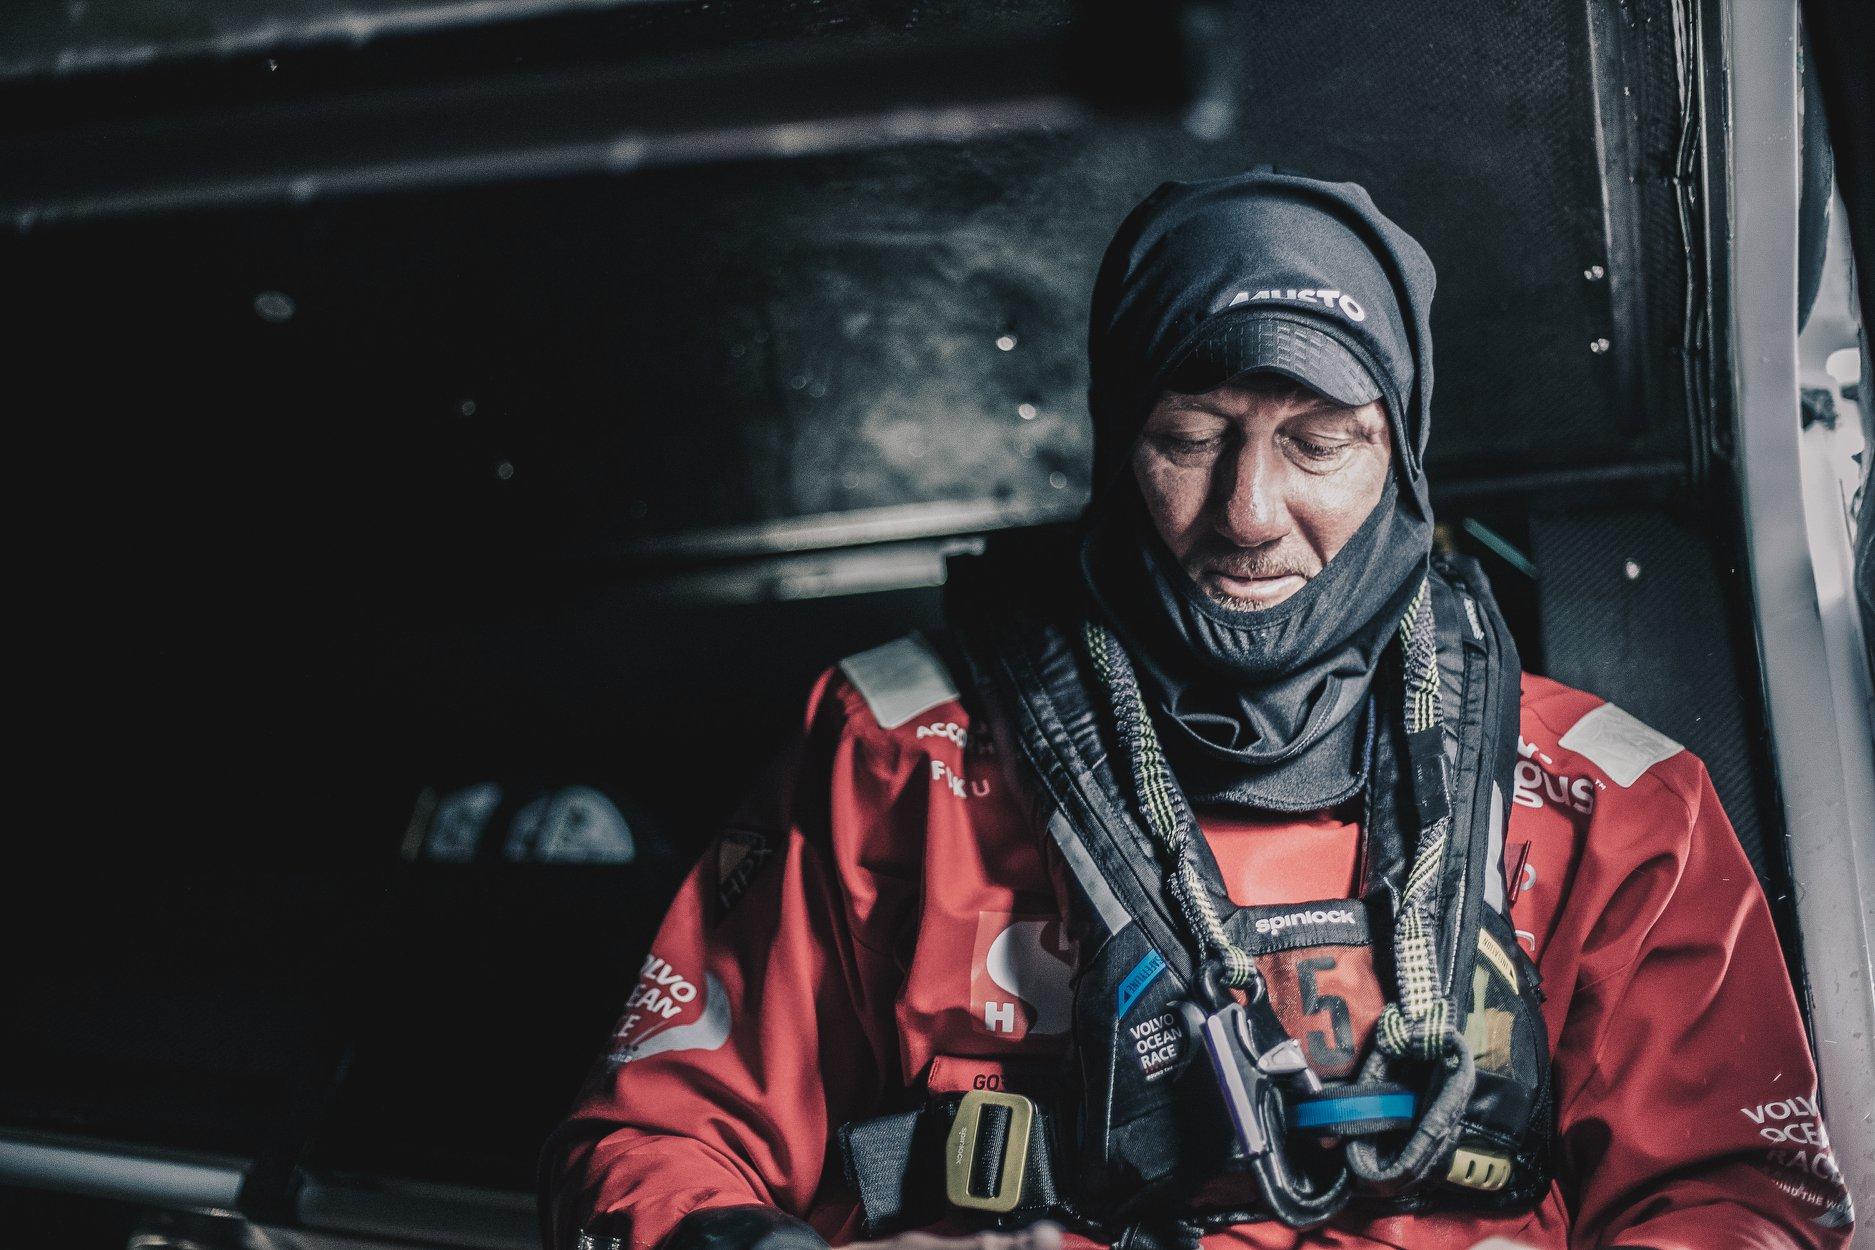 John Fisher blev slået over bord af storskødet i en ufrivillig bomning, mens båden sandsynligvis surfede over 30 knob ned af en bølge. John blev aldrig fundet. Foto: Scallywag